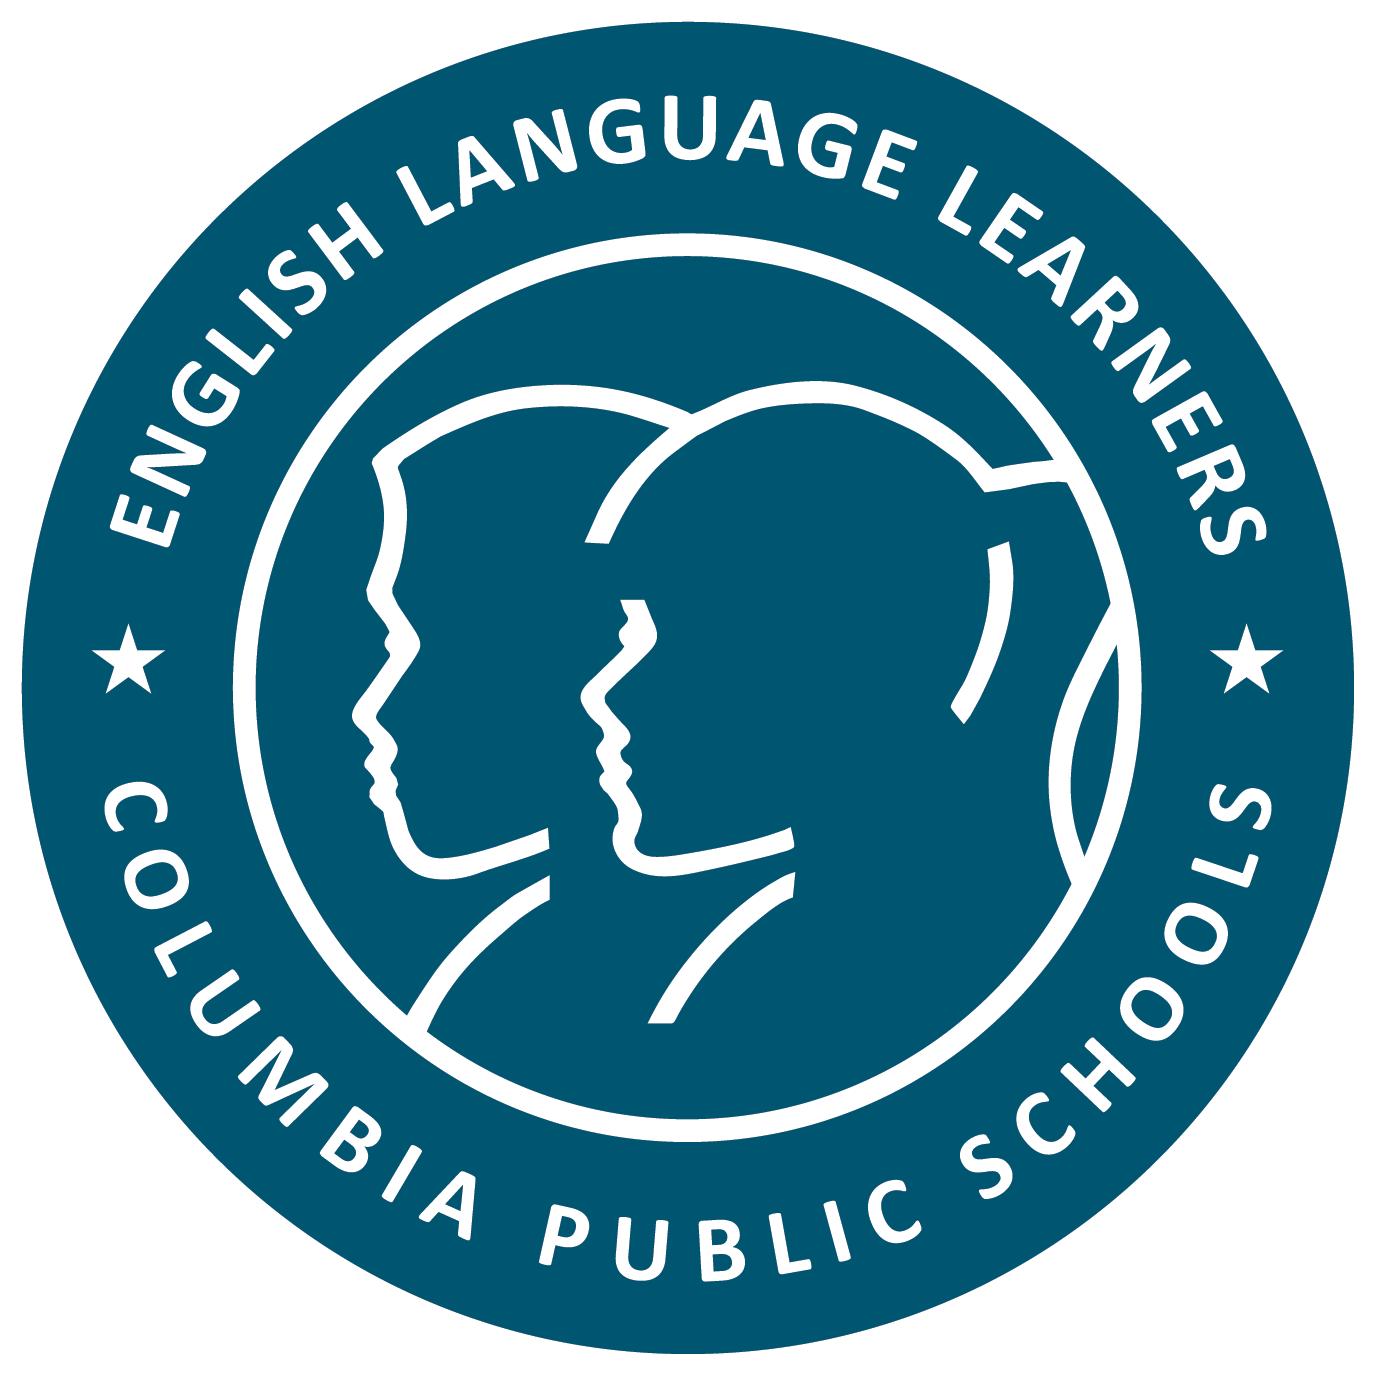 EnglishLanguageLearnersLogo